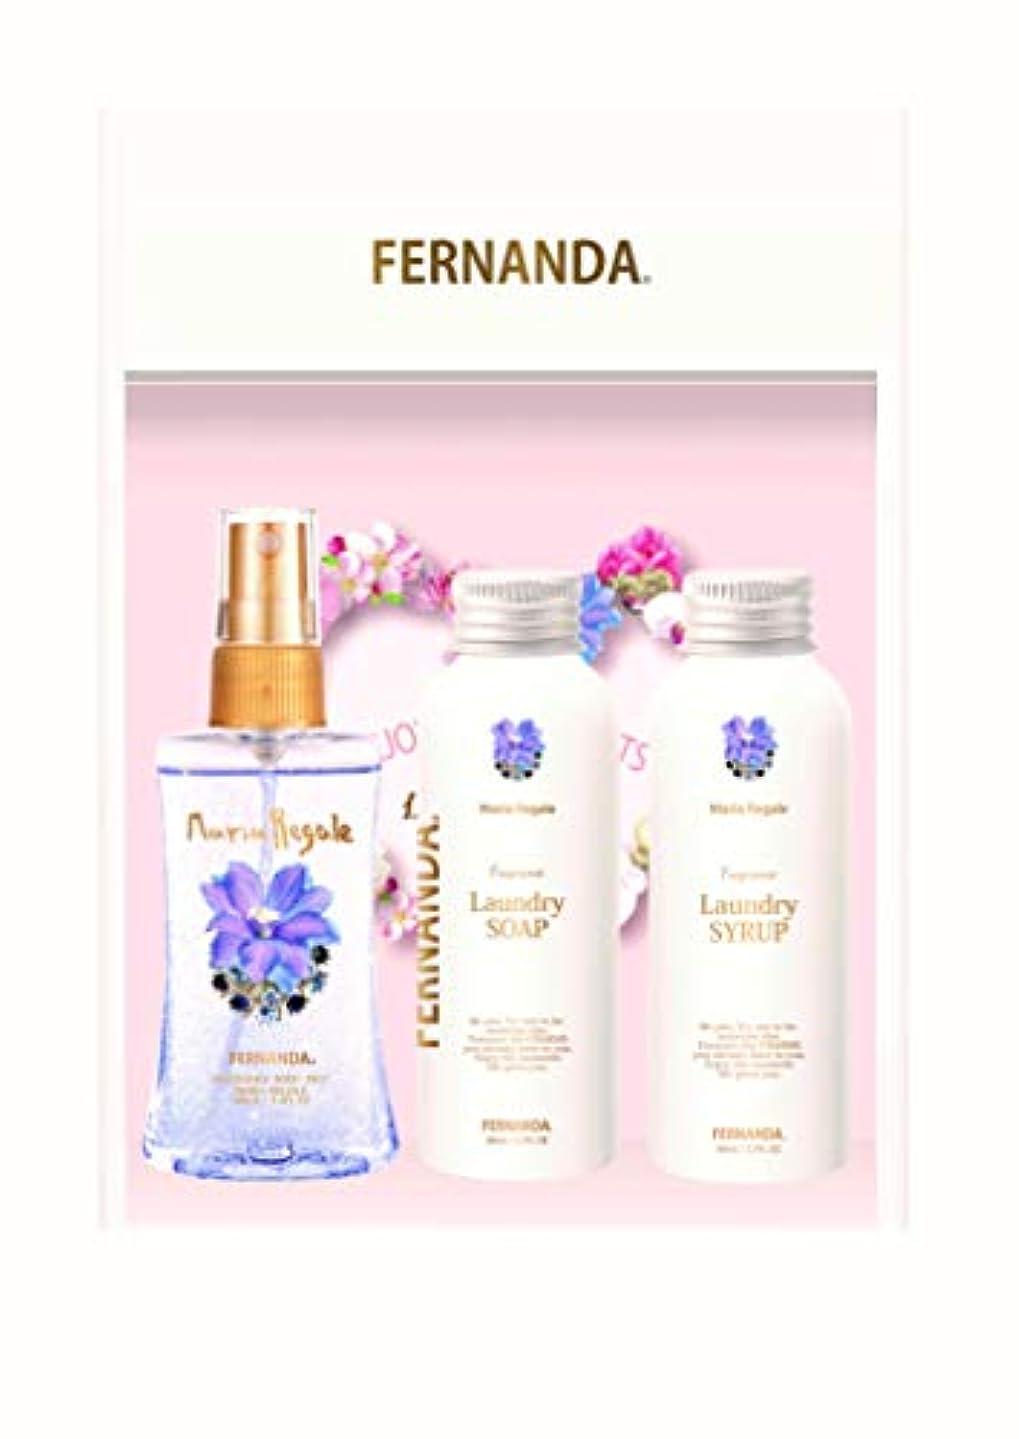 配る最終所持FERNANDA(フェルナンダ)Mist & Laundry Soap & Laungry Syrup Gift Set Maria Regale (ミスト&ランドリーソープ & ランドリーシロップ ギフトセット マリアリゲル)